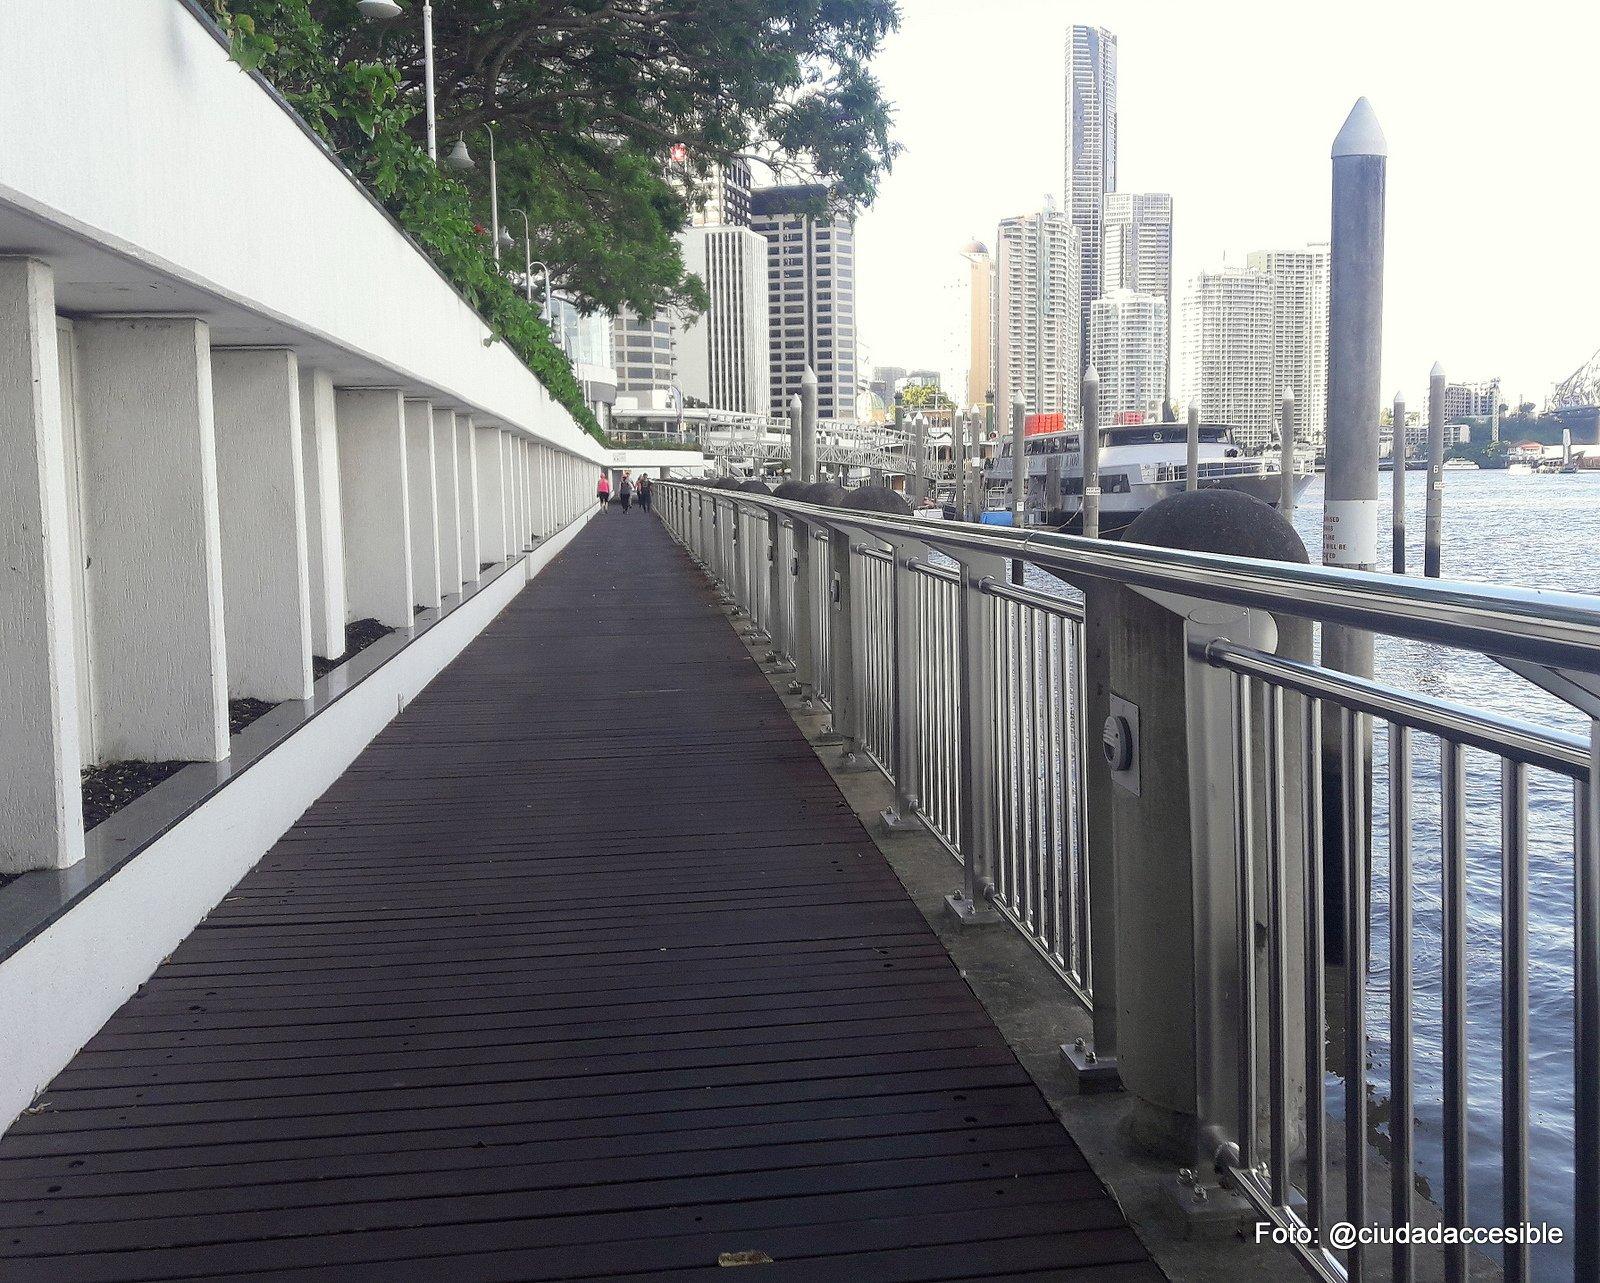 Ruta peatonal en la ciudad Parque South Bank Brisbane